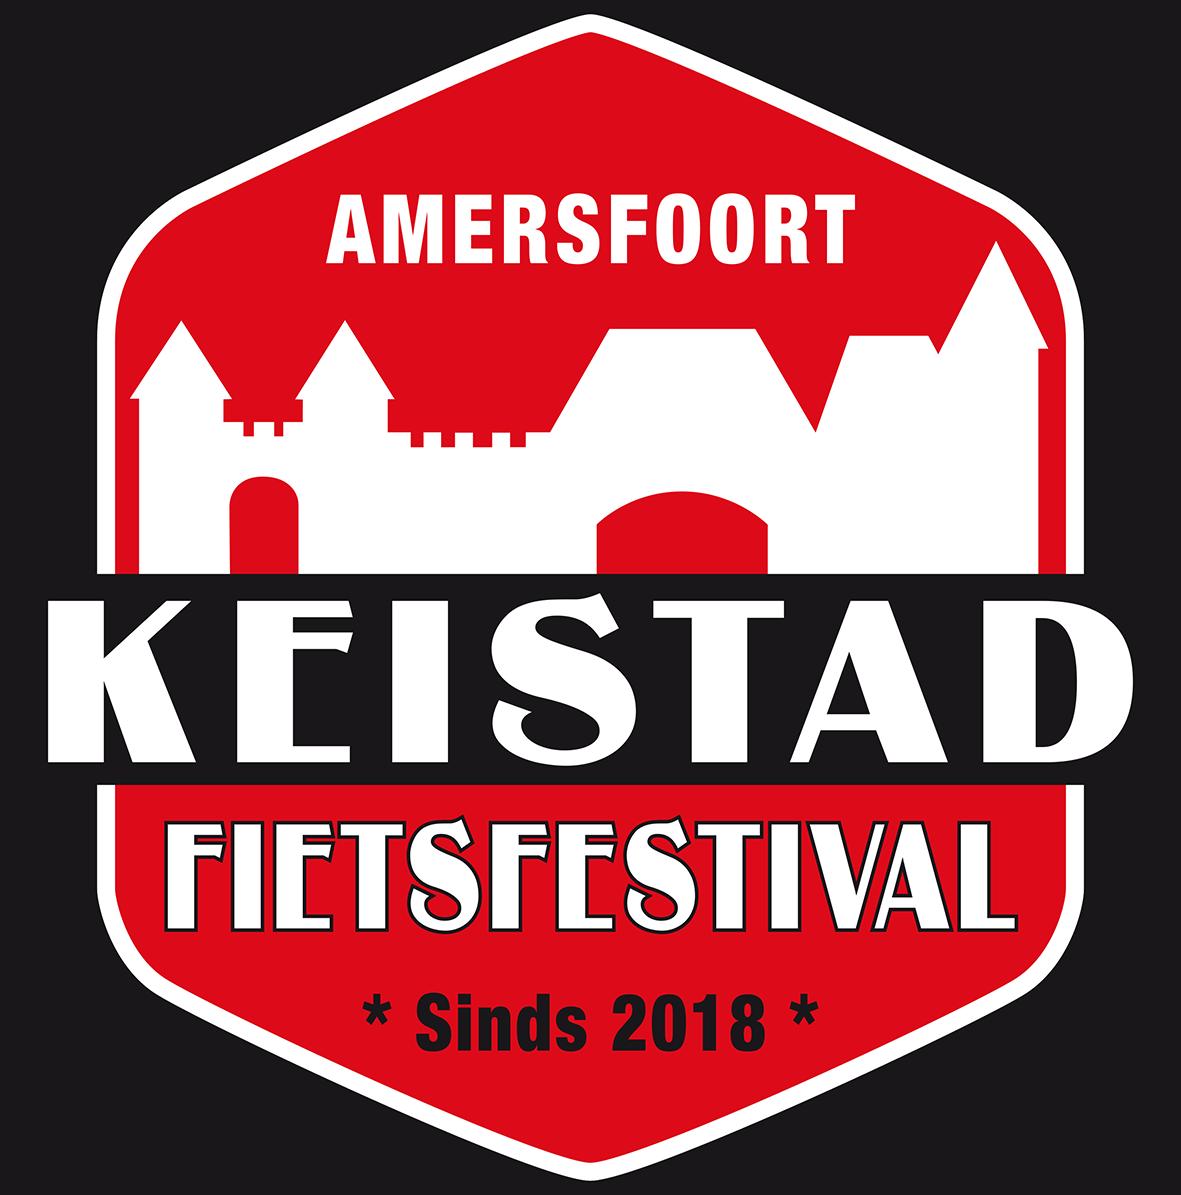 keistad_fietsfestival_logo_fc_def (1)